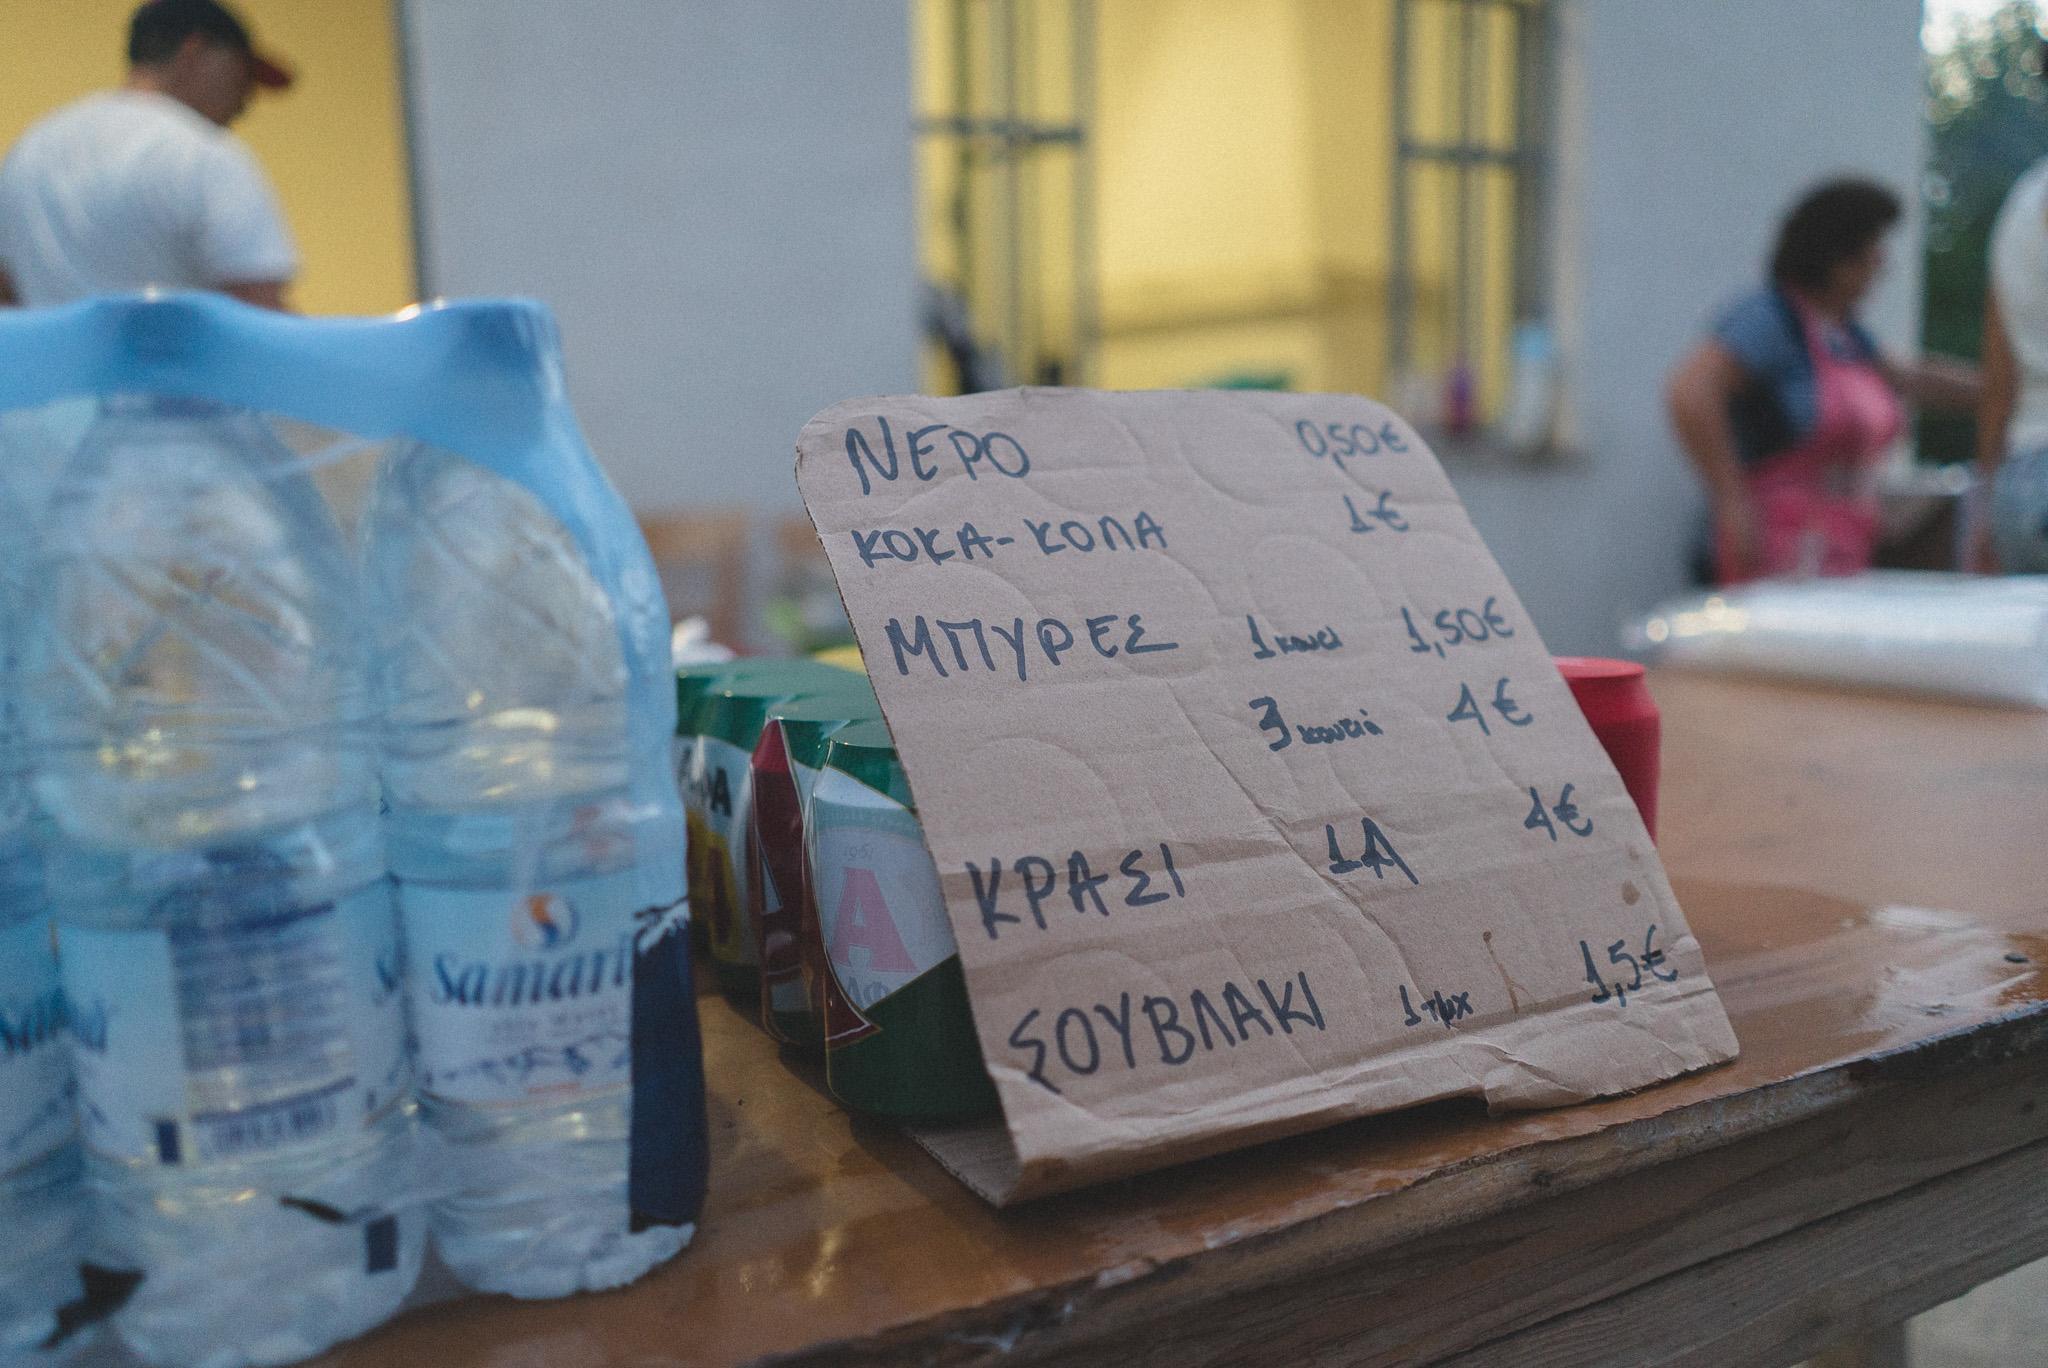 The menu at the festival in Chania Crete Greece